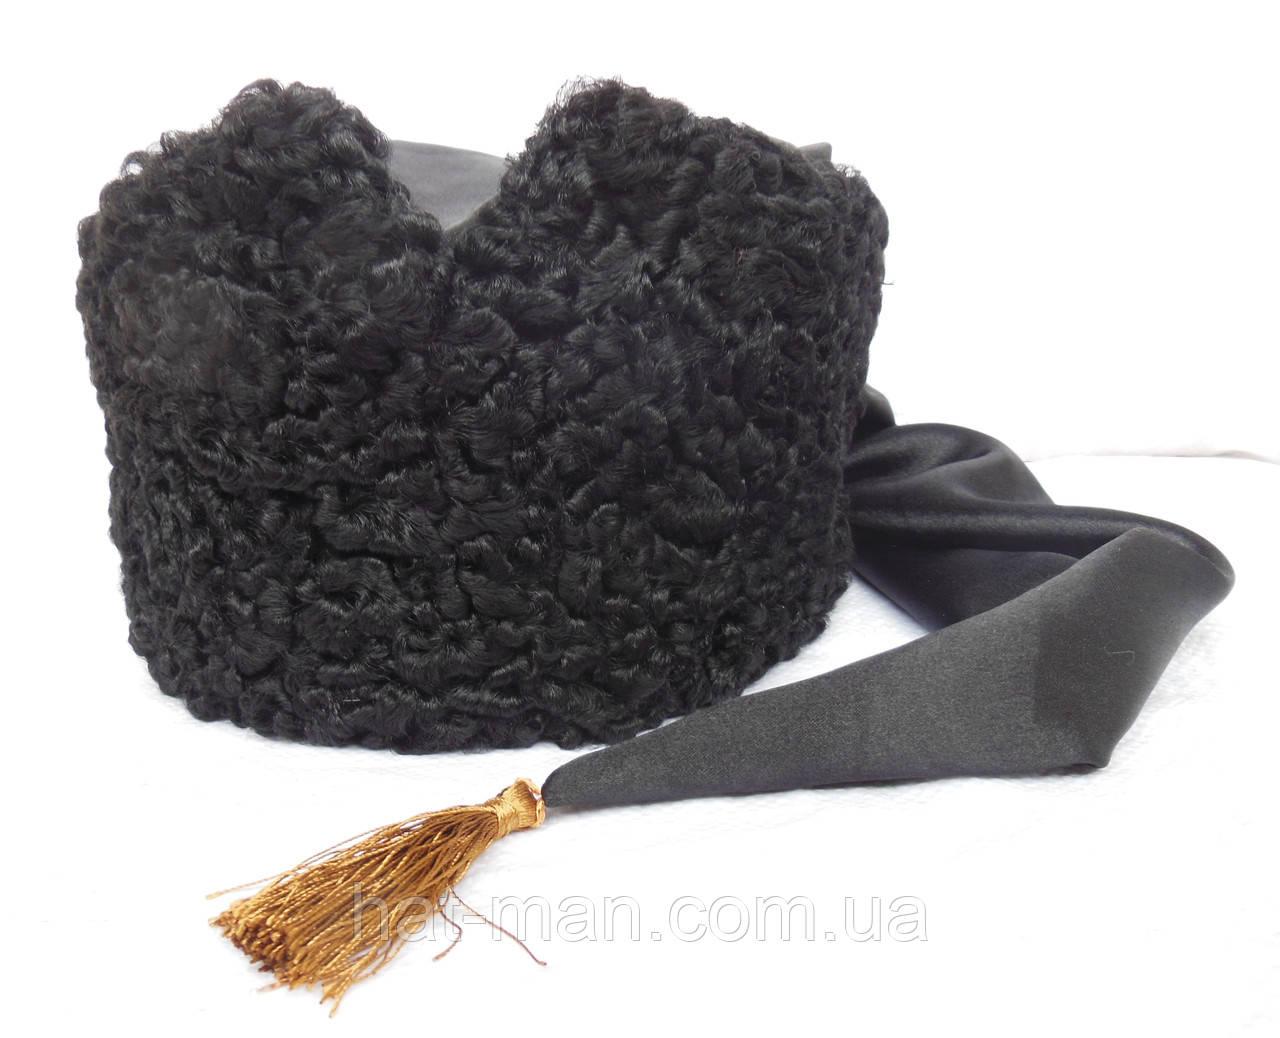 Казацкая шапка черношлычников (Черных запорожцев)